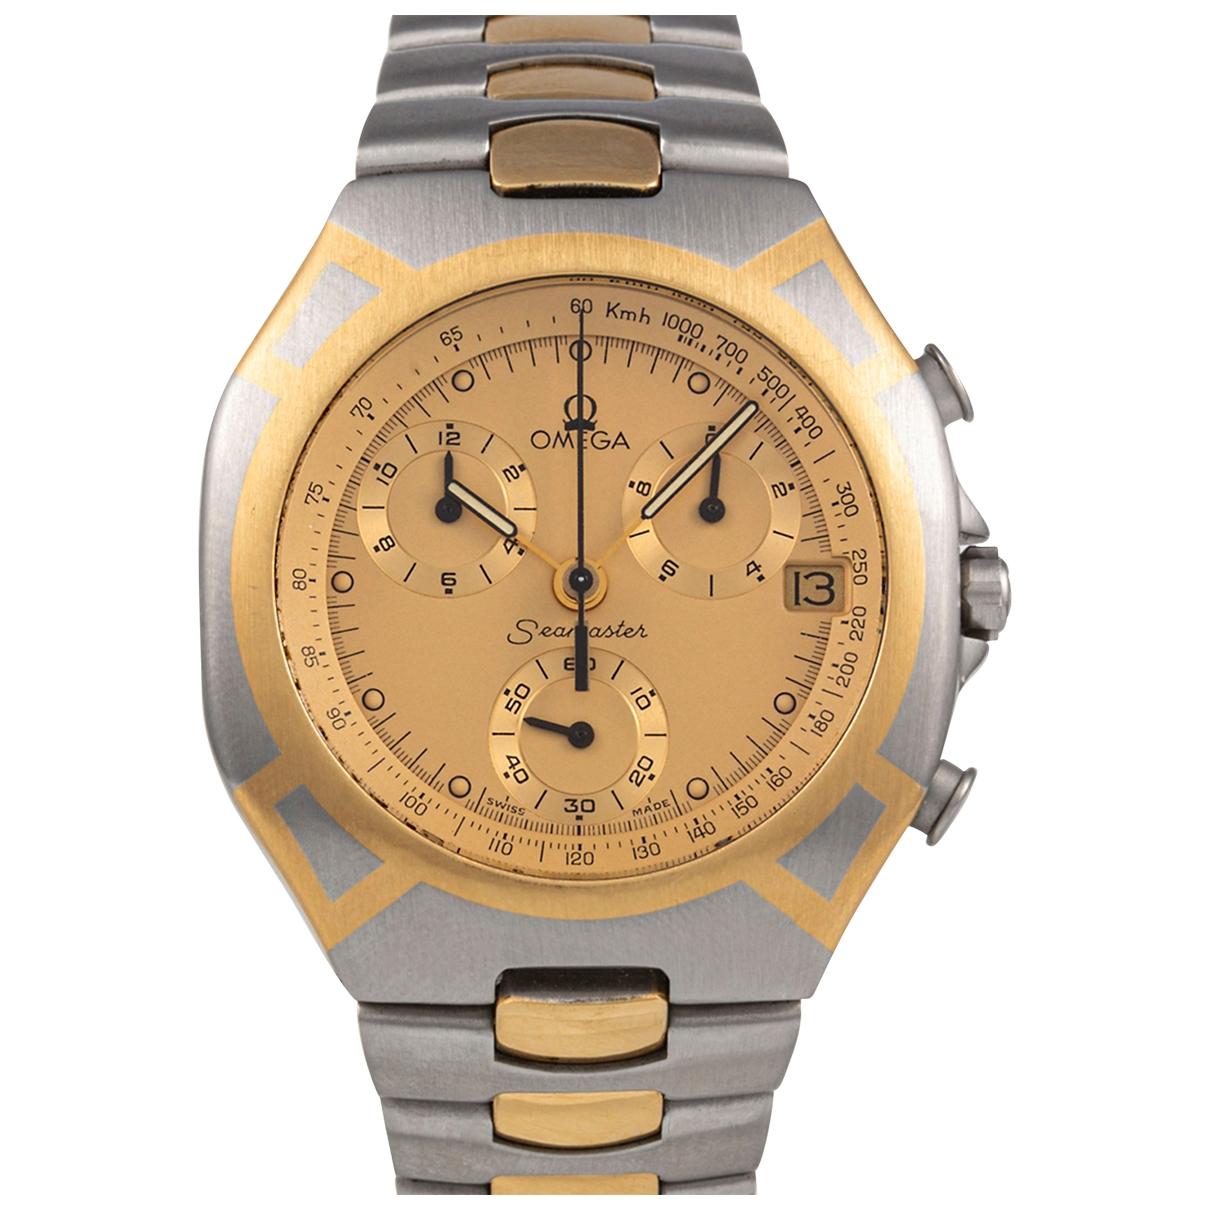 Omega - Montre Seamaster pour homme en or et acier - dore